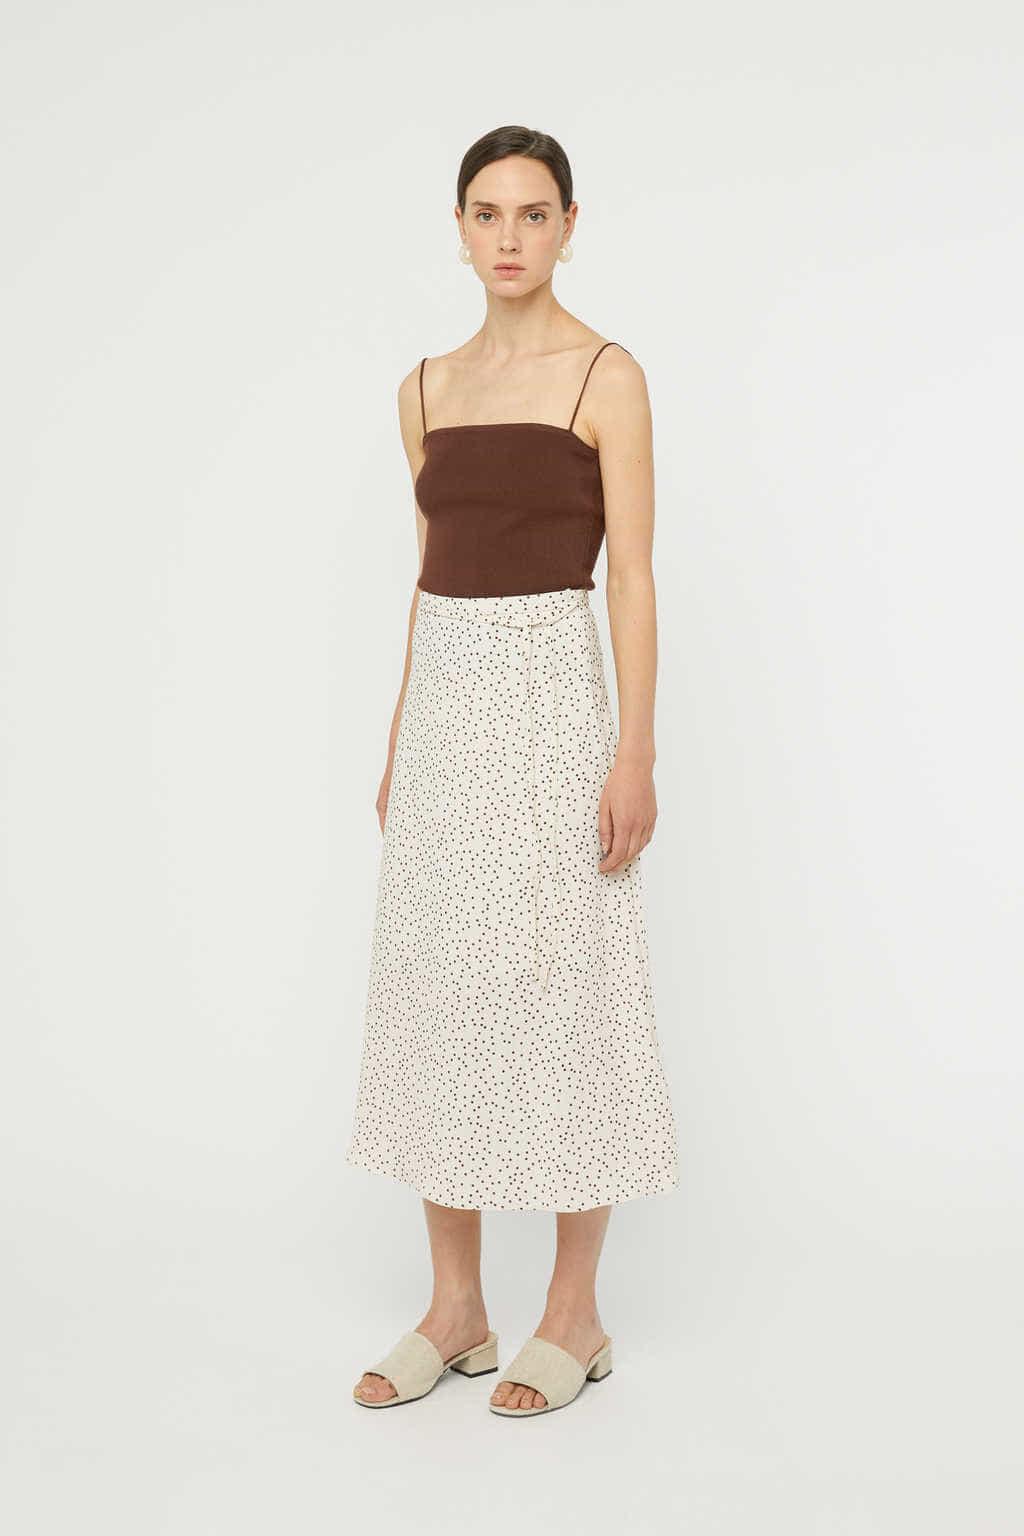 Skirt K025 Cream 2